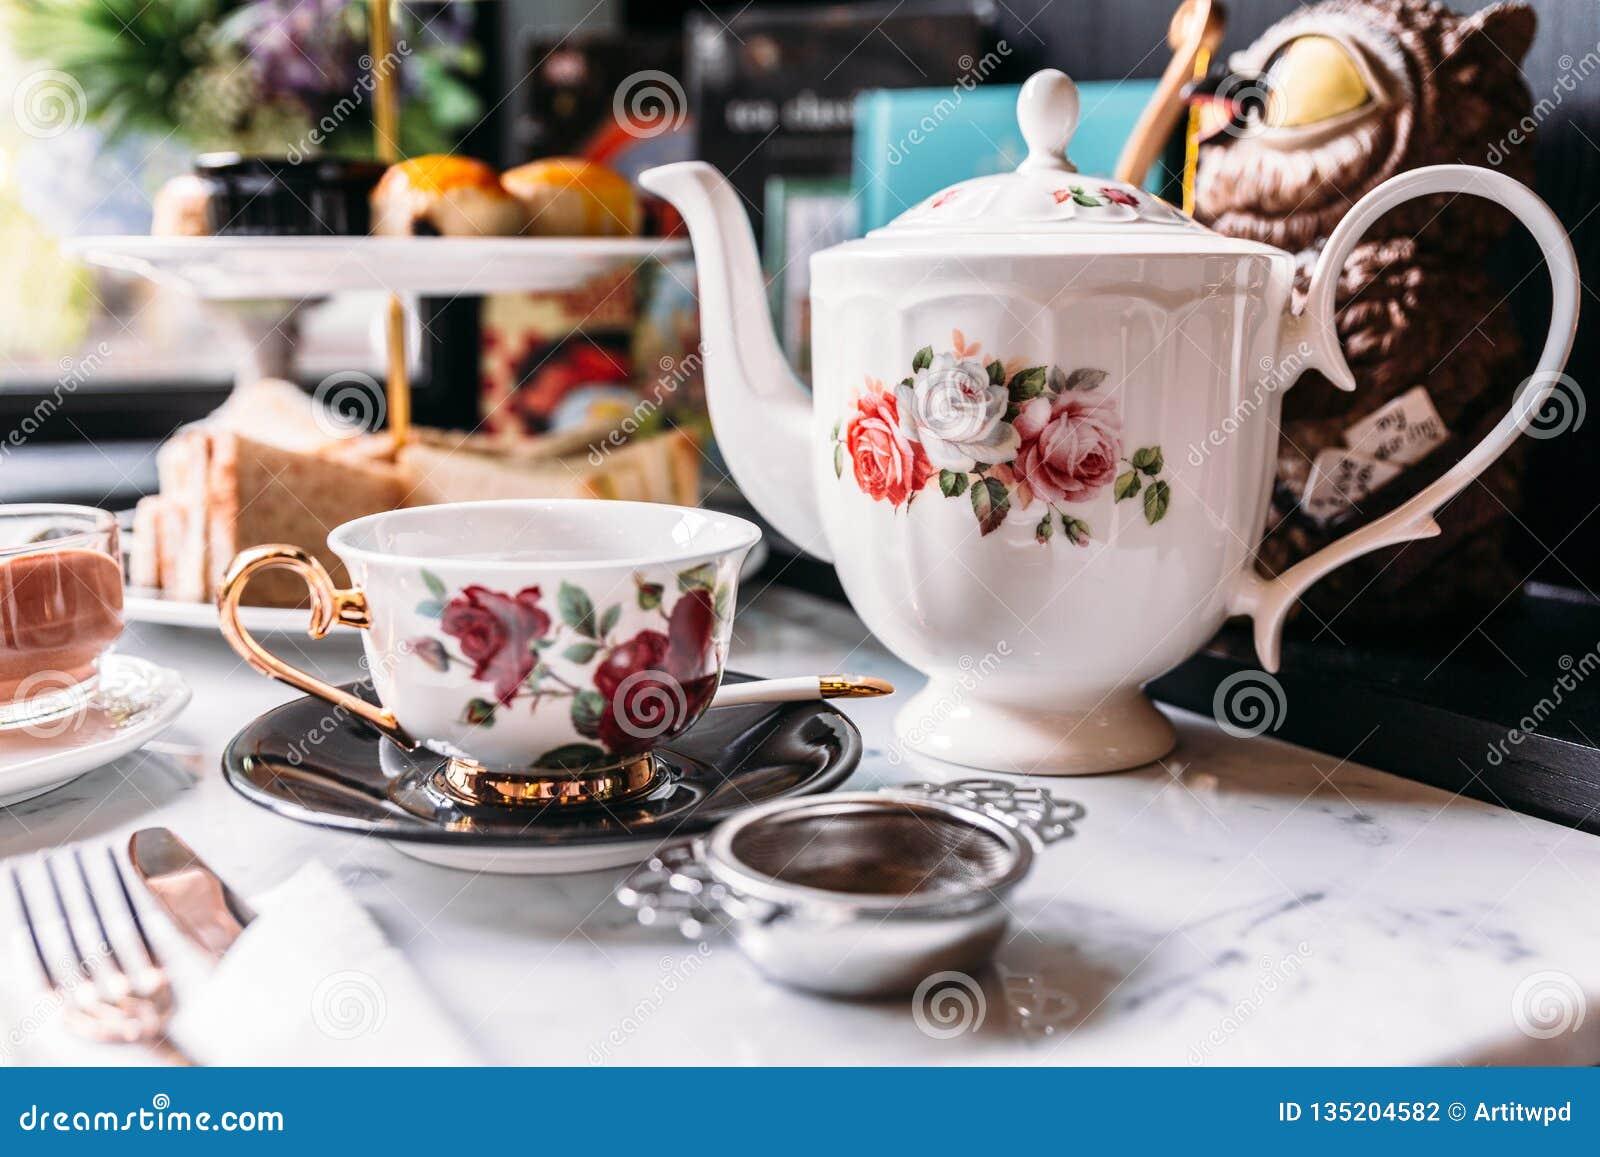 Angielskich rocznik porcelany róż Herbaciani sety wliczając teapot, herbaciana filiżanka, talerz, łyżka i herbata, filtrują